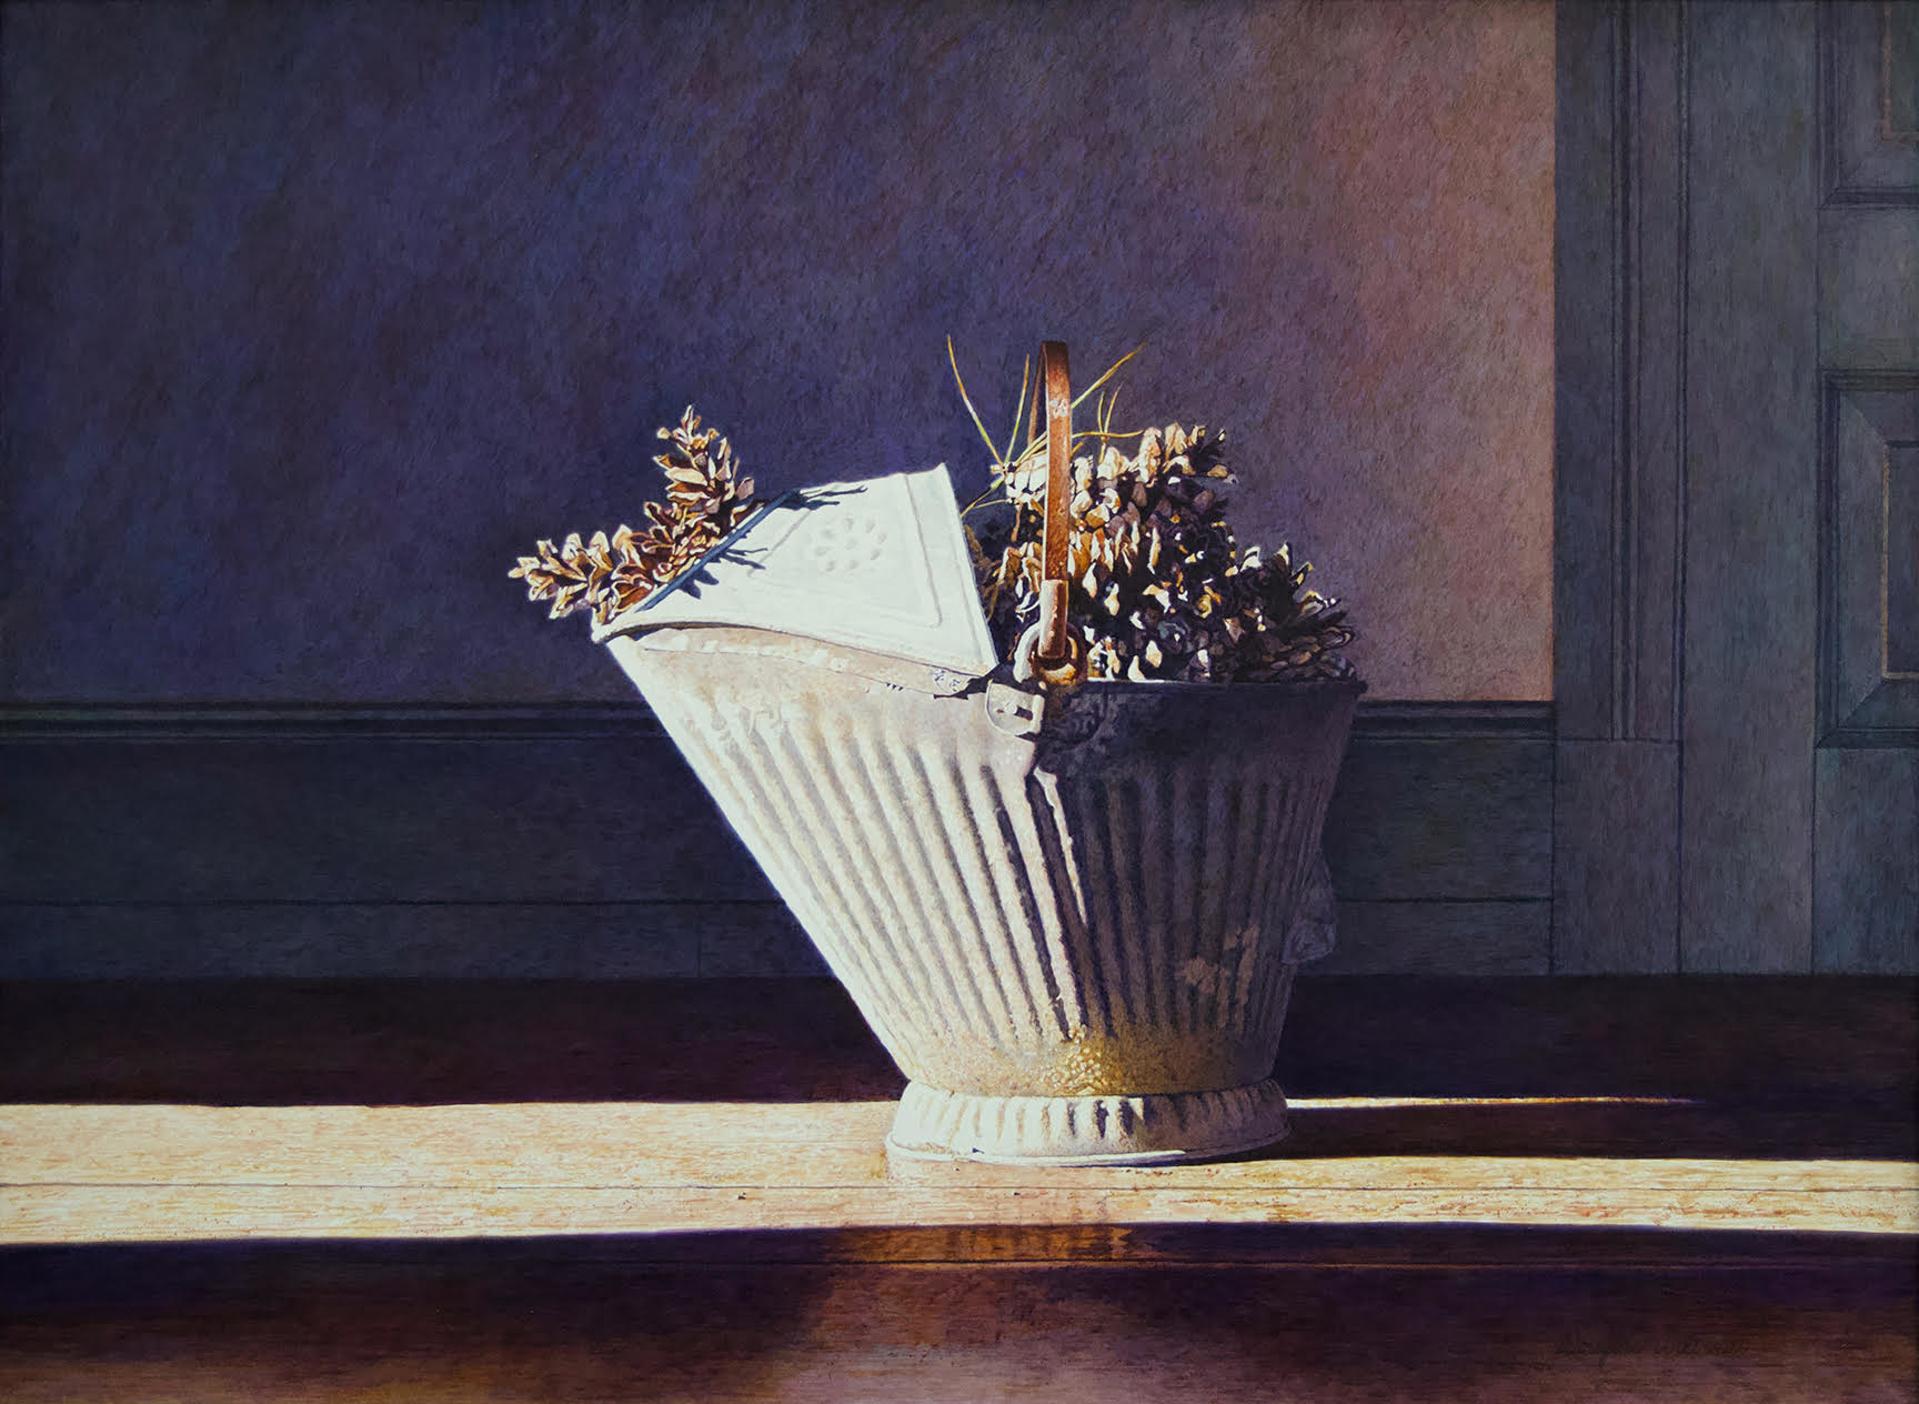 Scuttle Bucket by Douglas Wiltraut